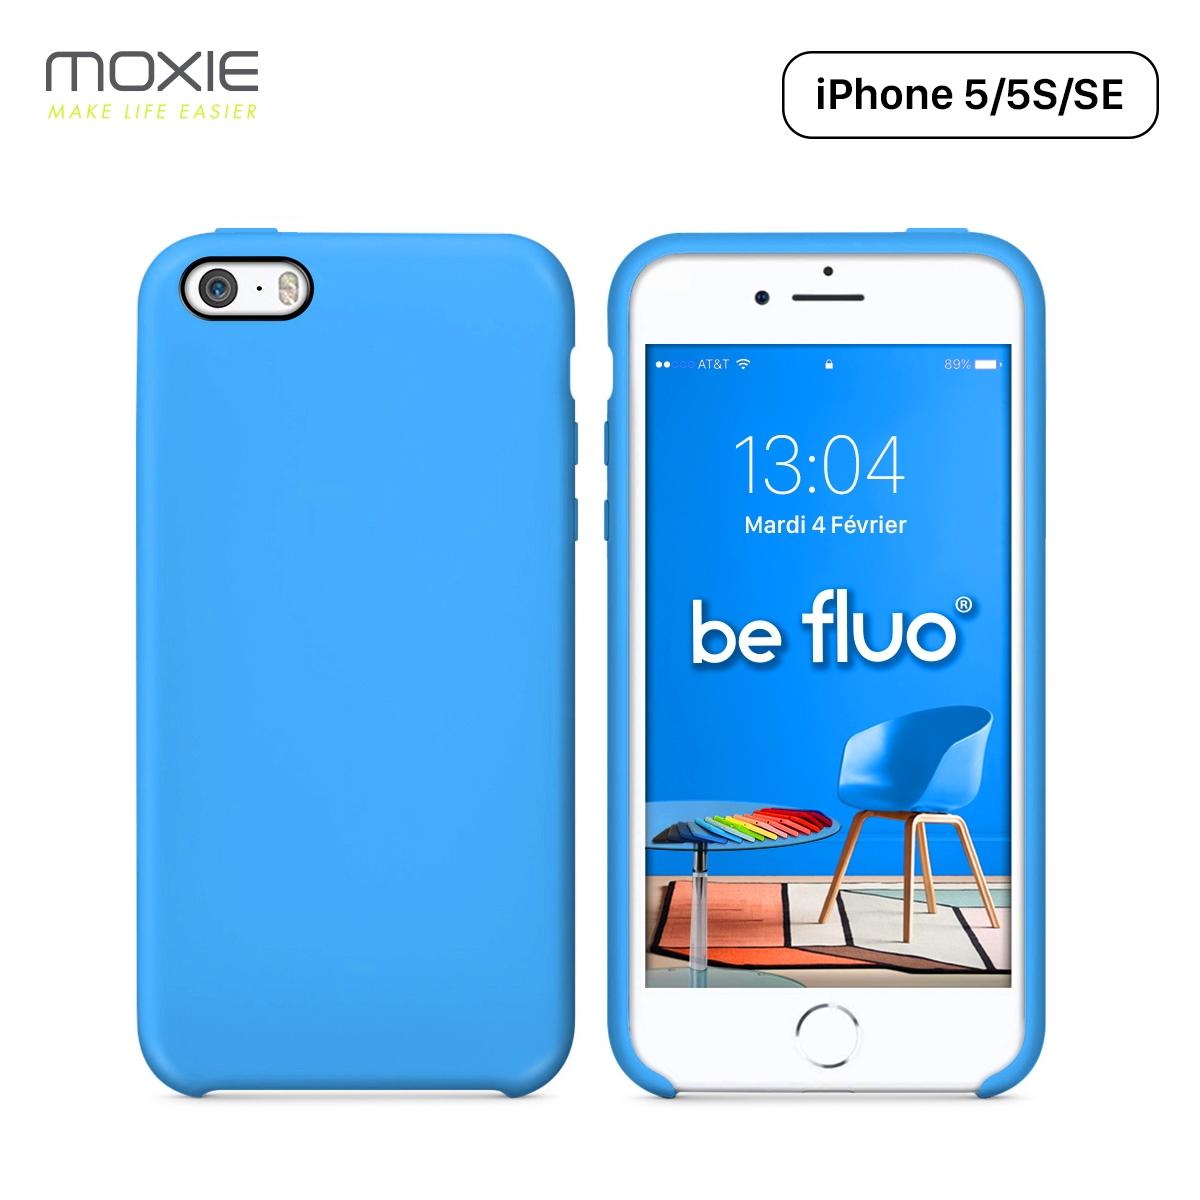 Moxie Coque iPhone 5/5S/SE [BeFluo] Coque Silicone Fine et Légère ...